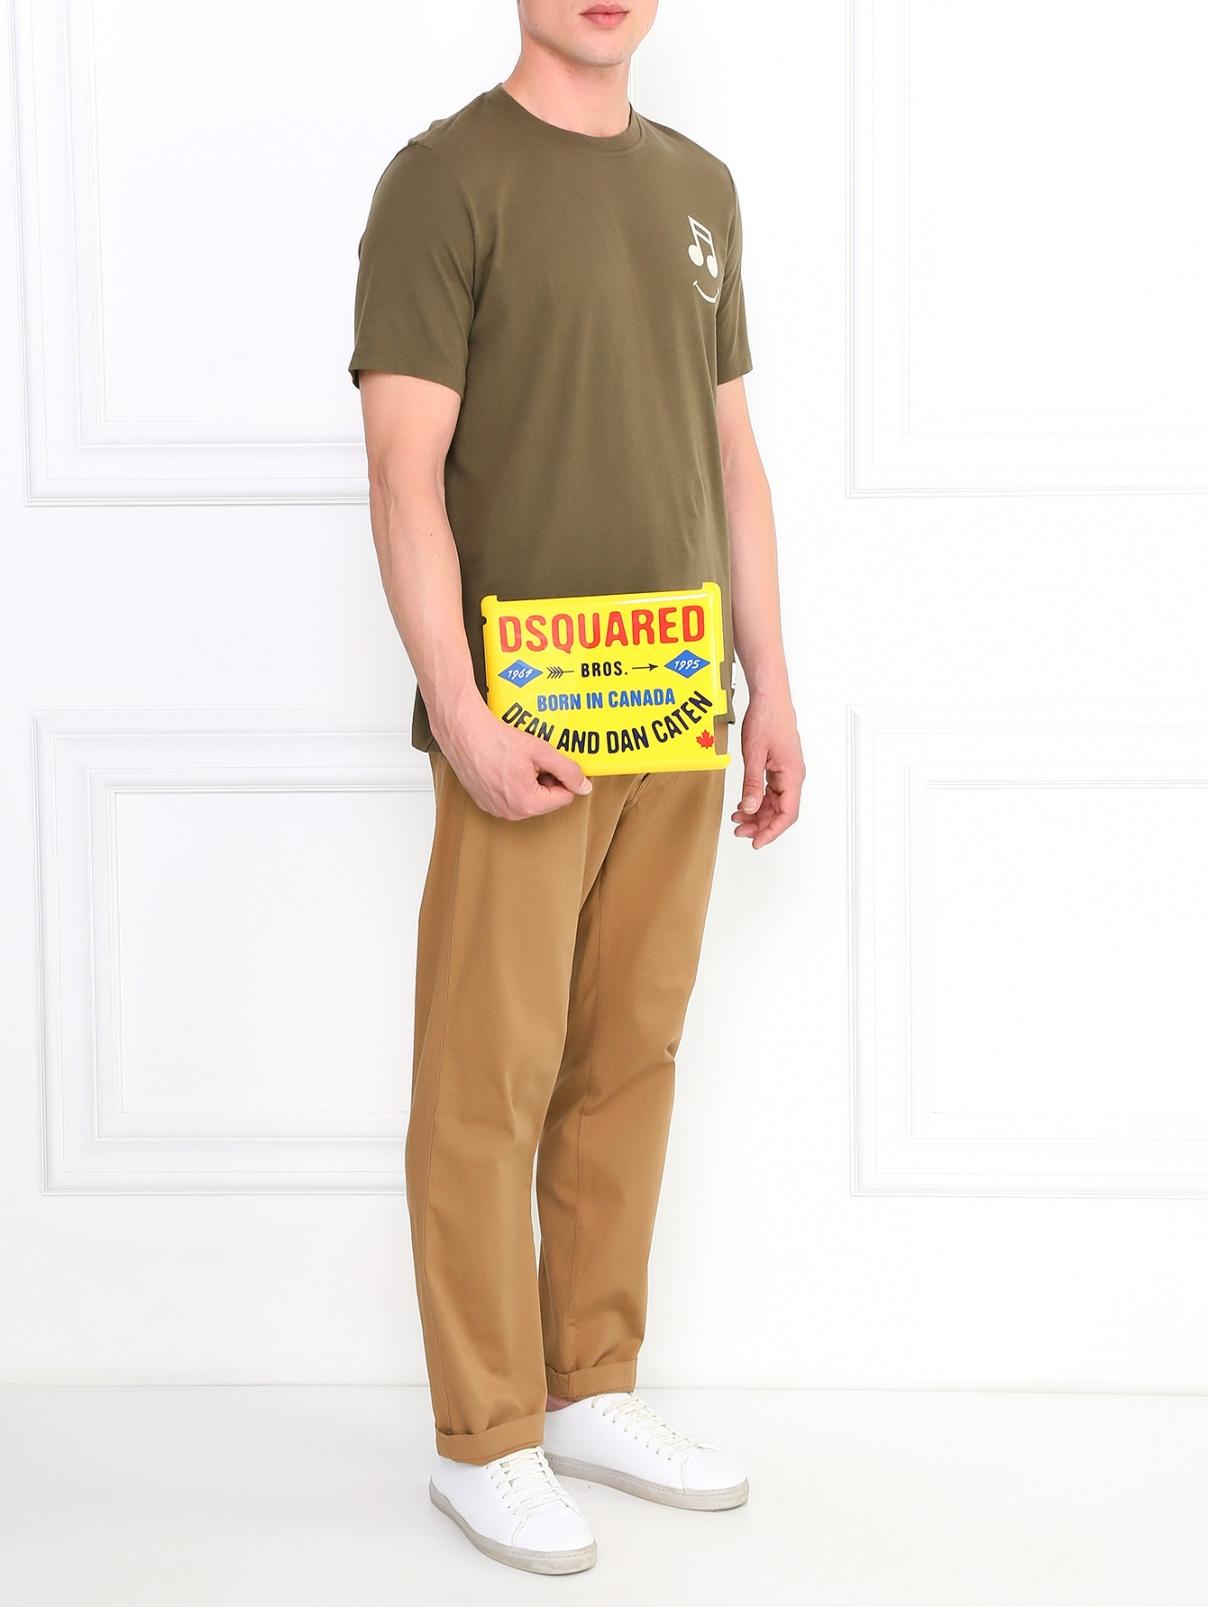 Чехол для IPad Dsquared2  –  Модель Общий вид  – Цвет:  Желтый